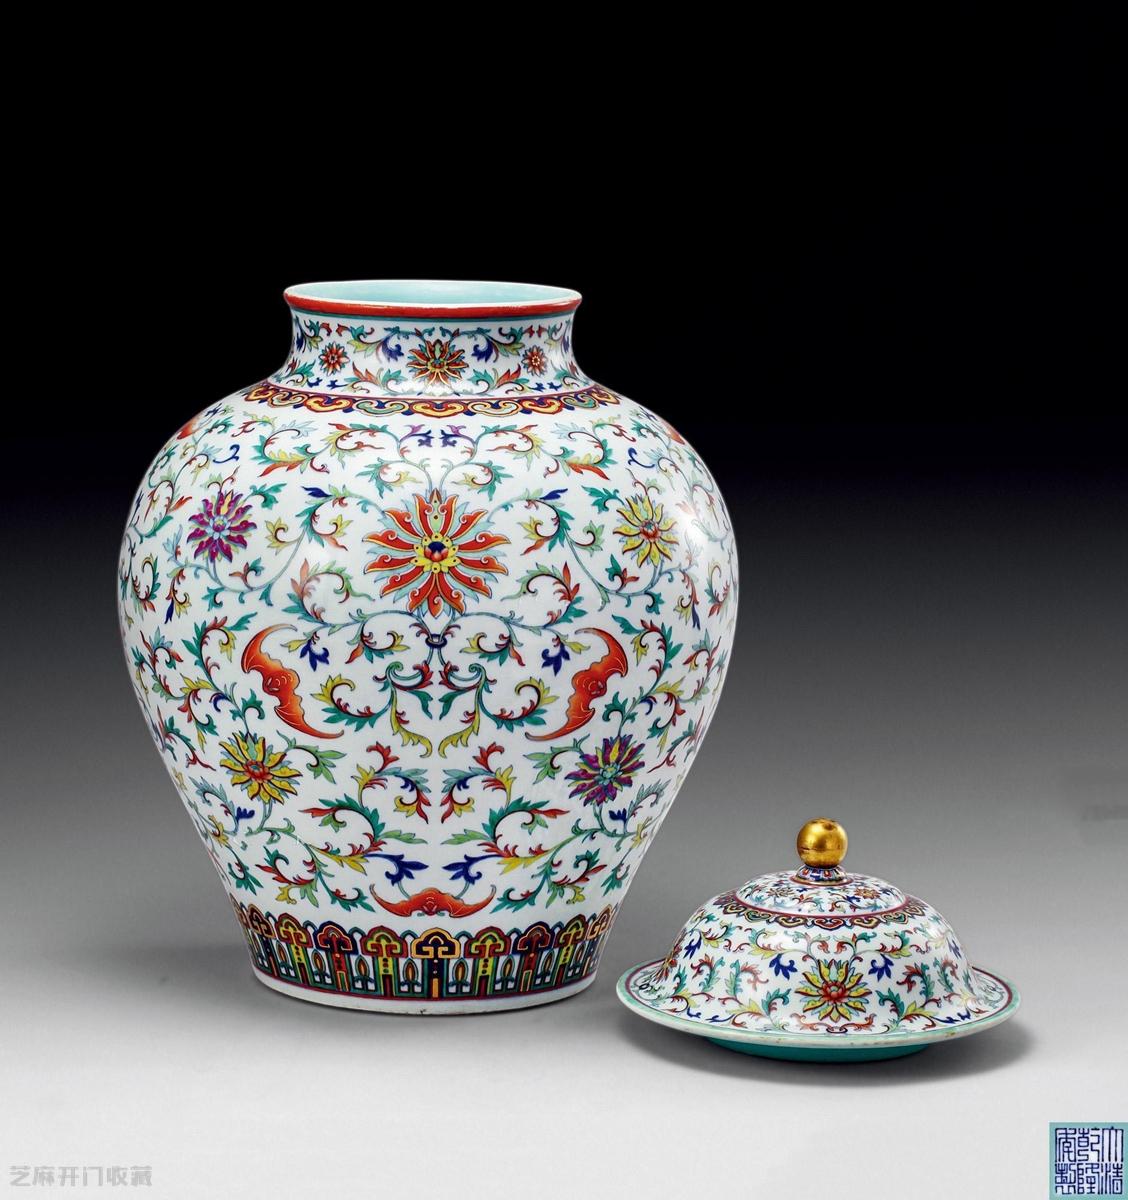 斗彩瓷器收藏价